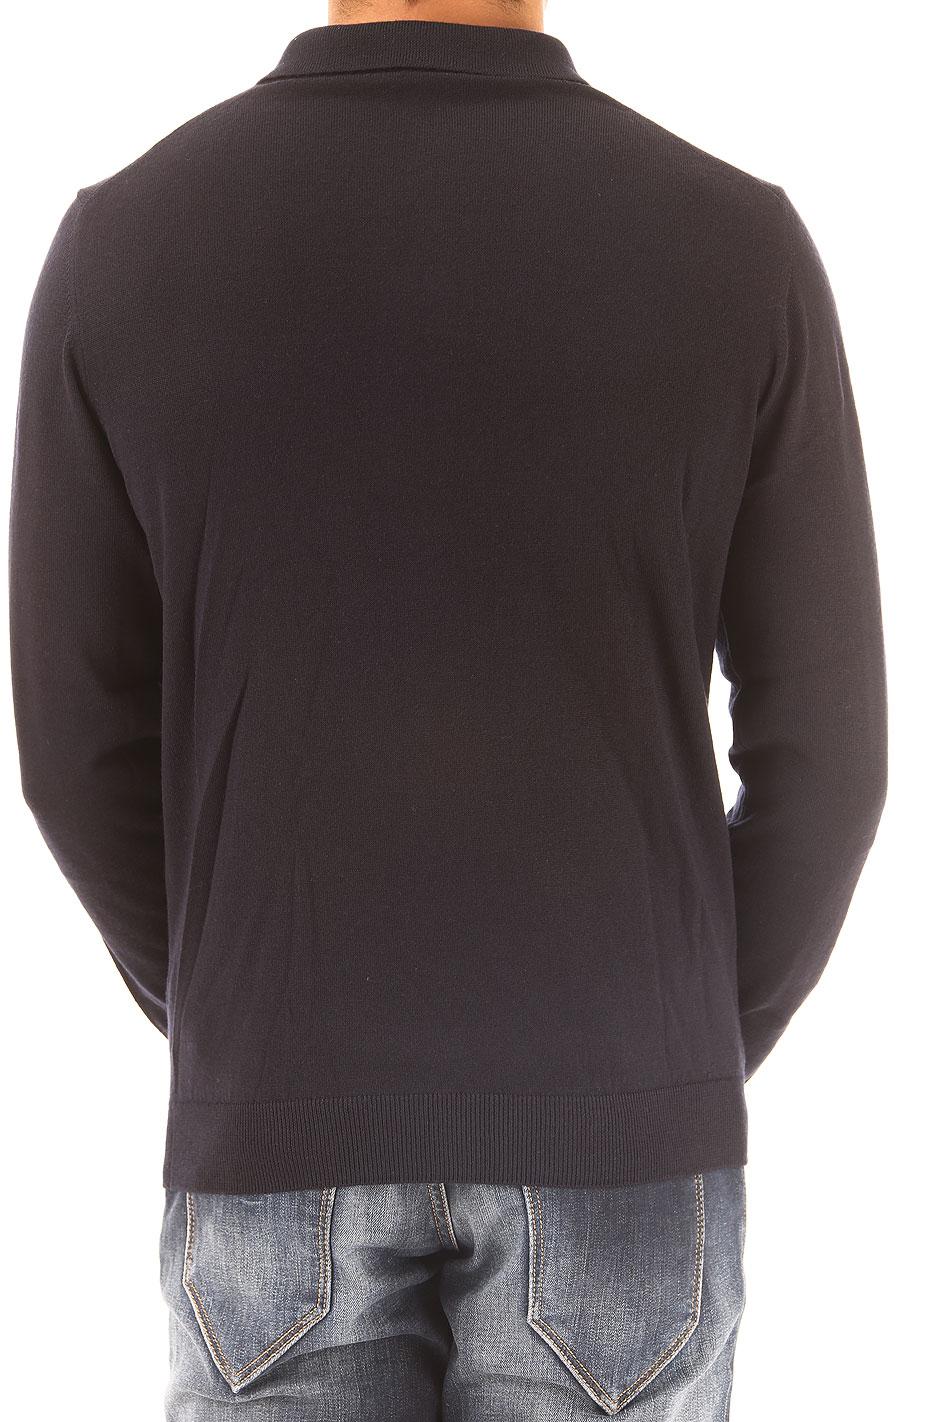 Abbigliamento Uomo Emporio Armani, Codice Articolo: 6xcf47-cm01z-0922